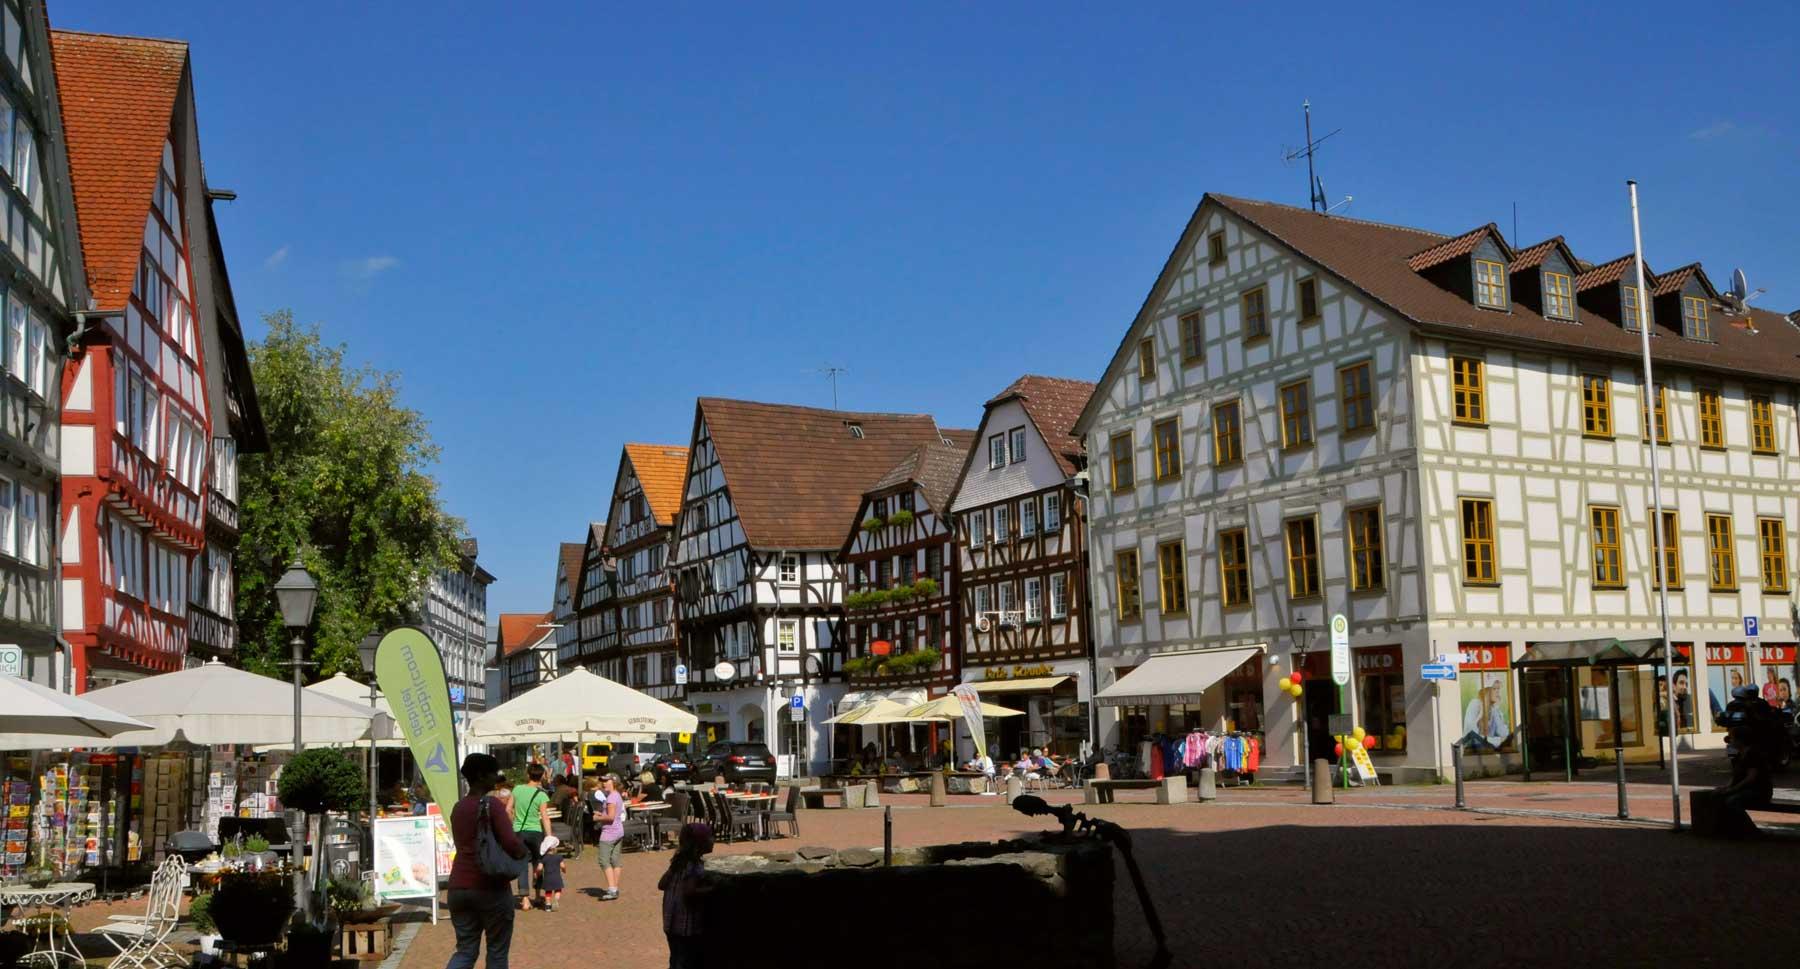 St Gallus market vendor stalls